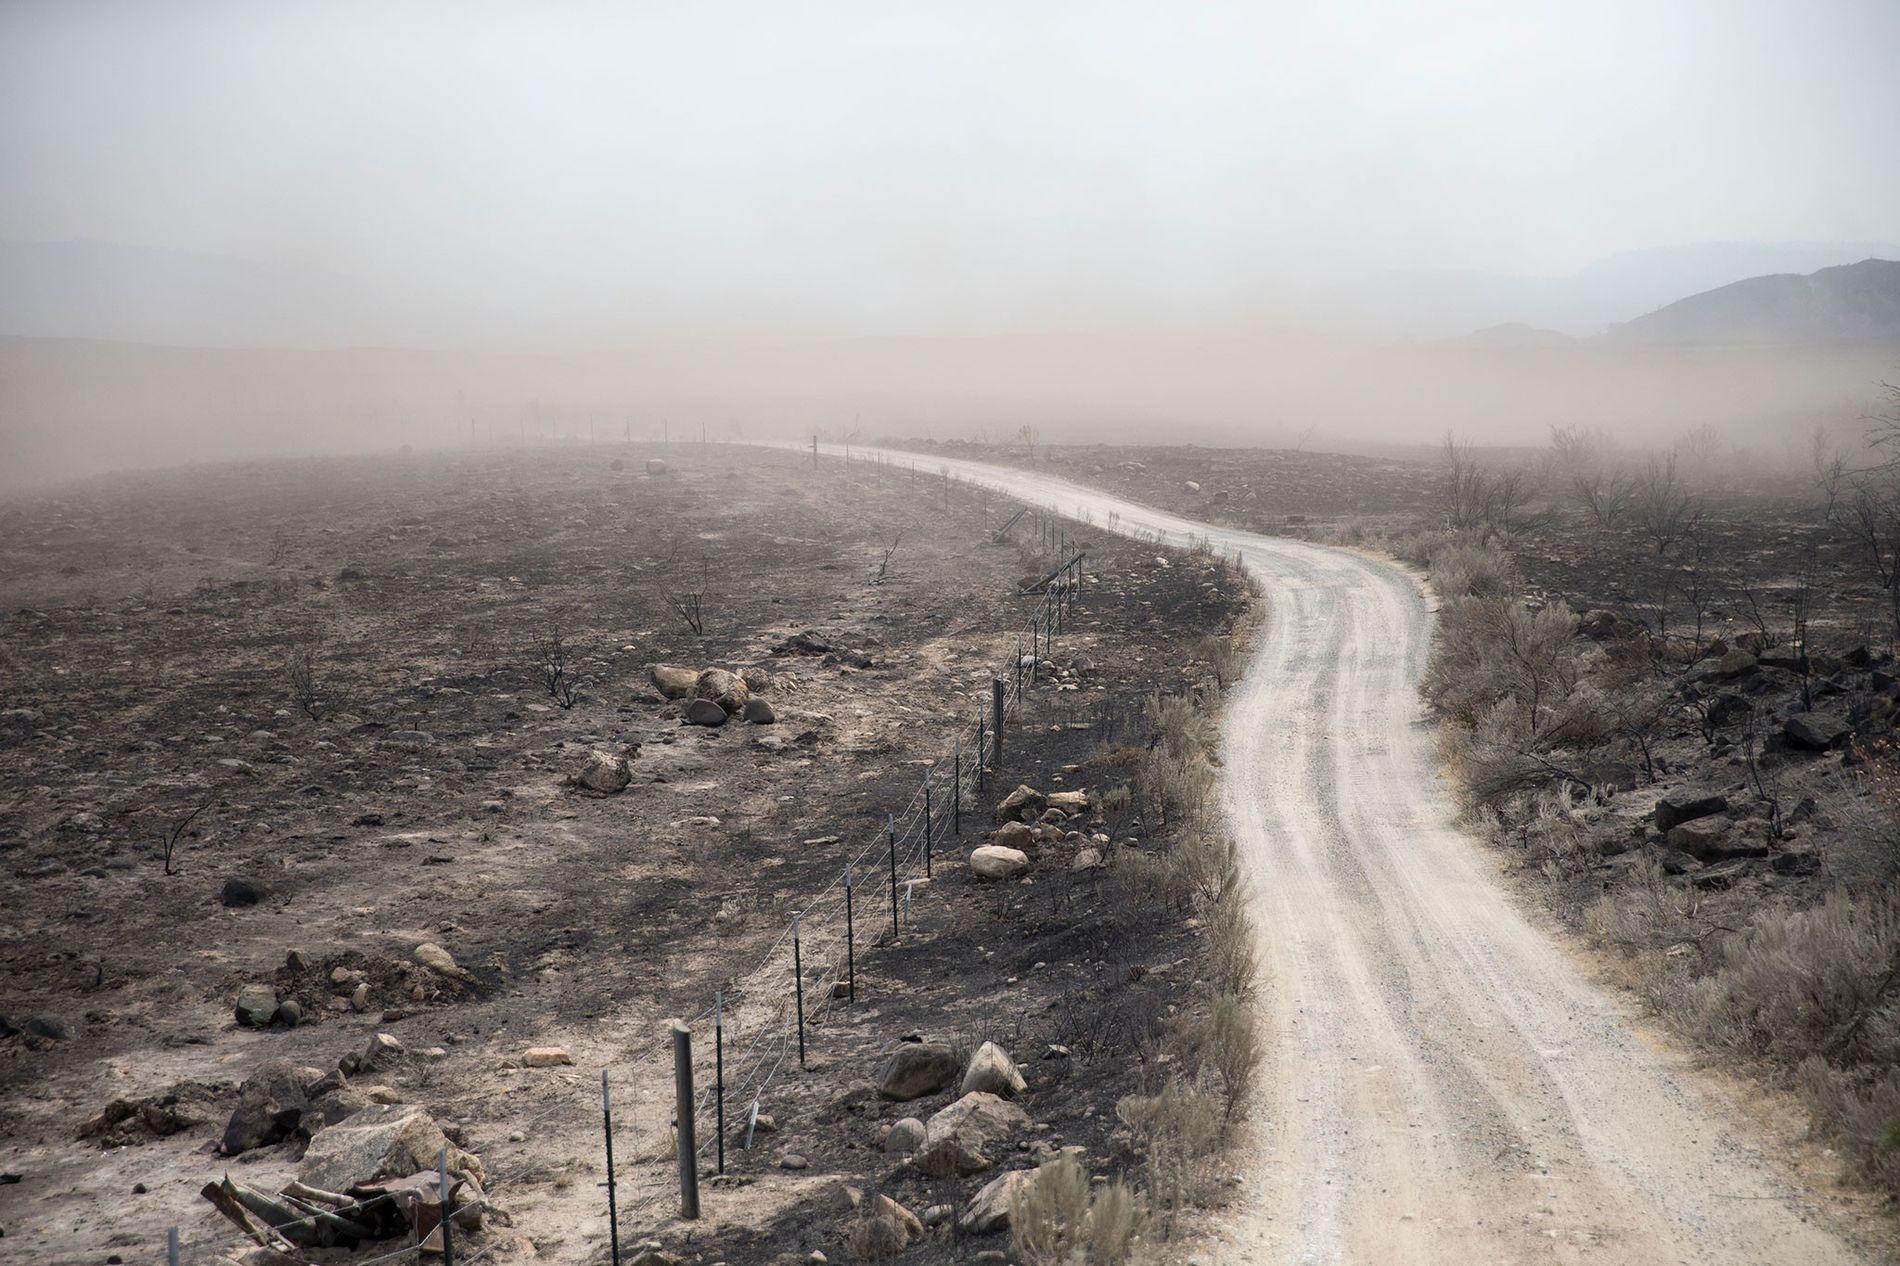 Die Dürre, die vor Kurzem die Pazifikküste des US-Bundesstaats Washington heimsuchte, wurde mit der steigenden Meerestemperatur in Verbindung gebracht.